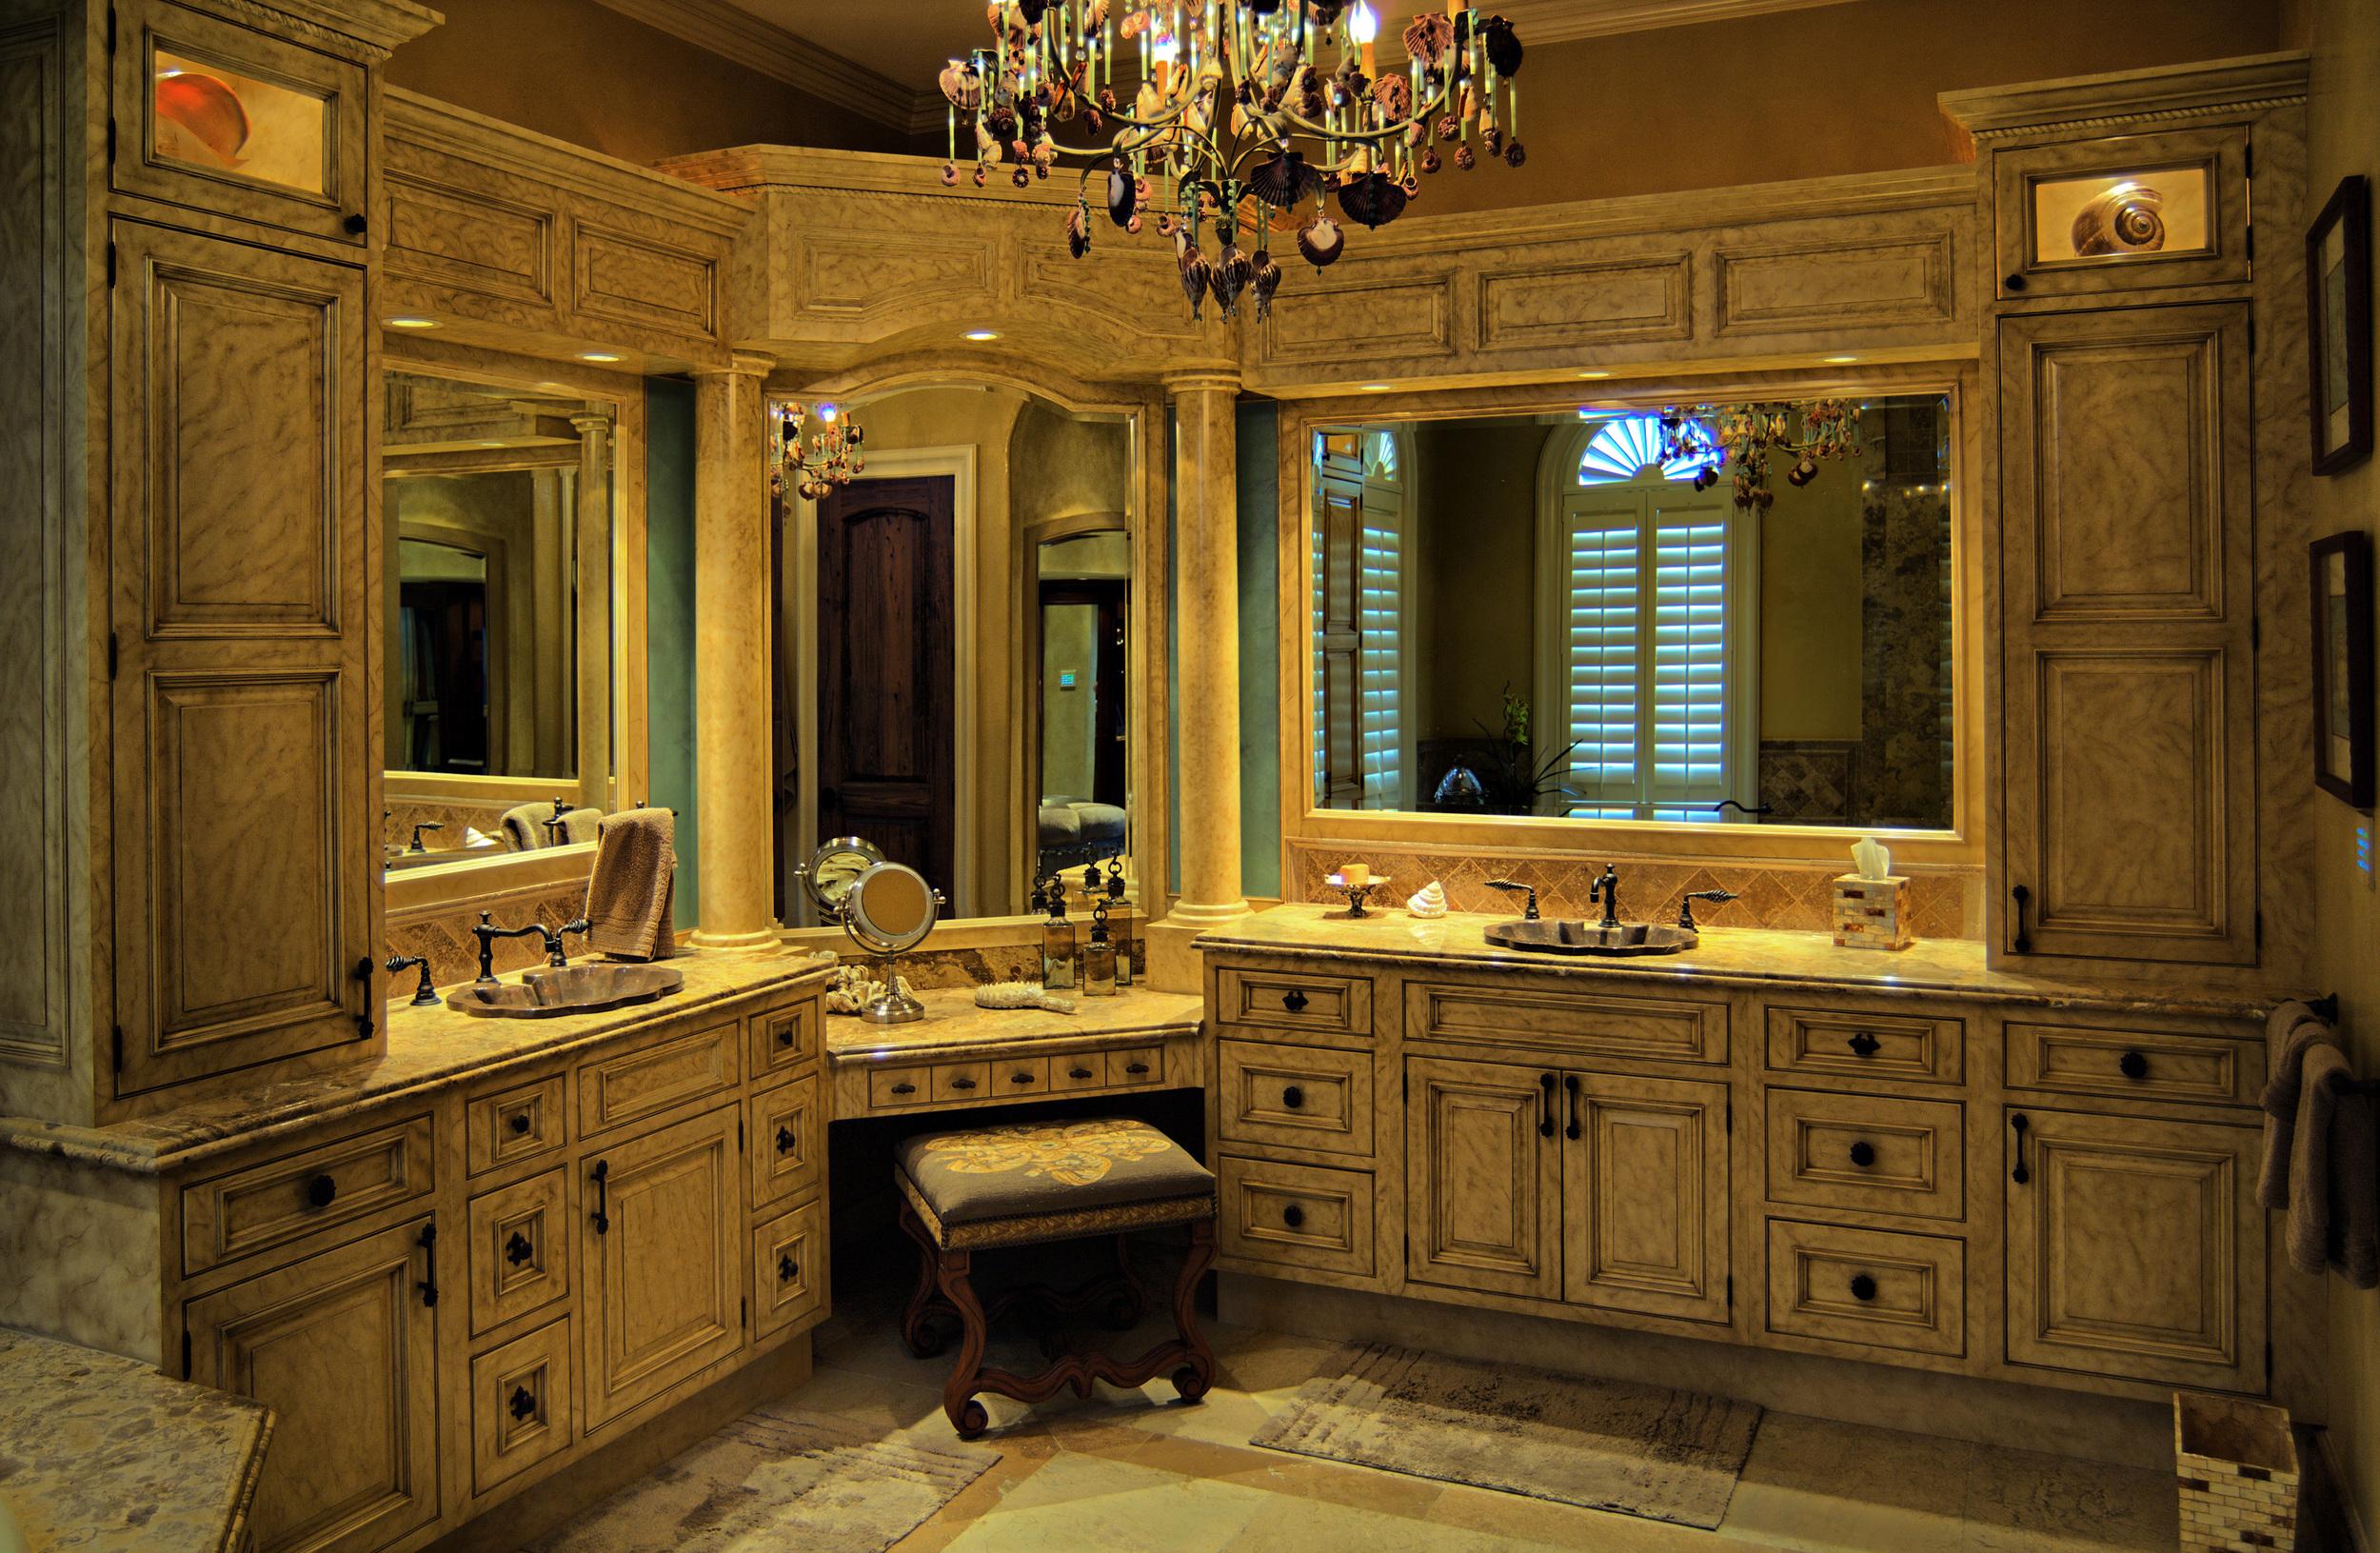 029-Master Bath 35-39.jpg